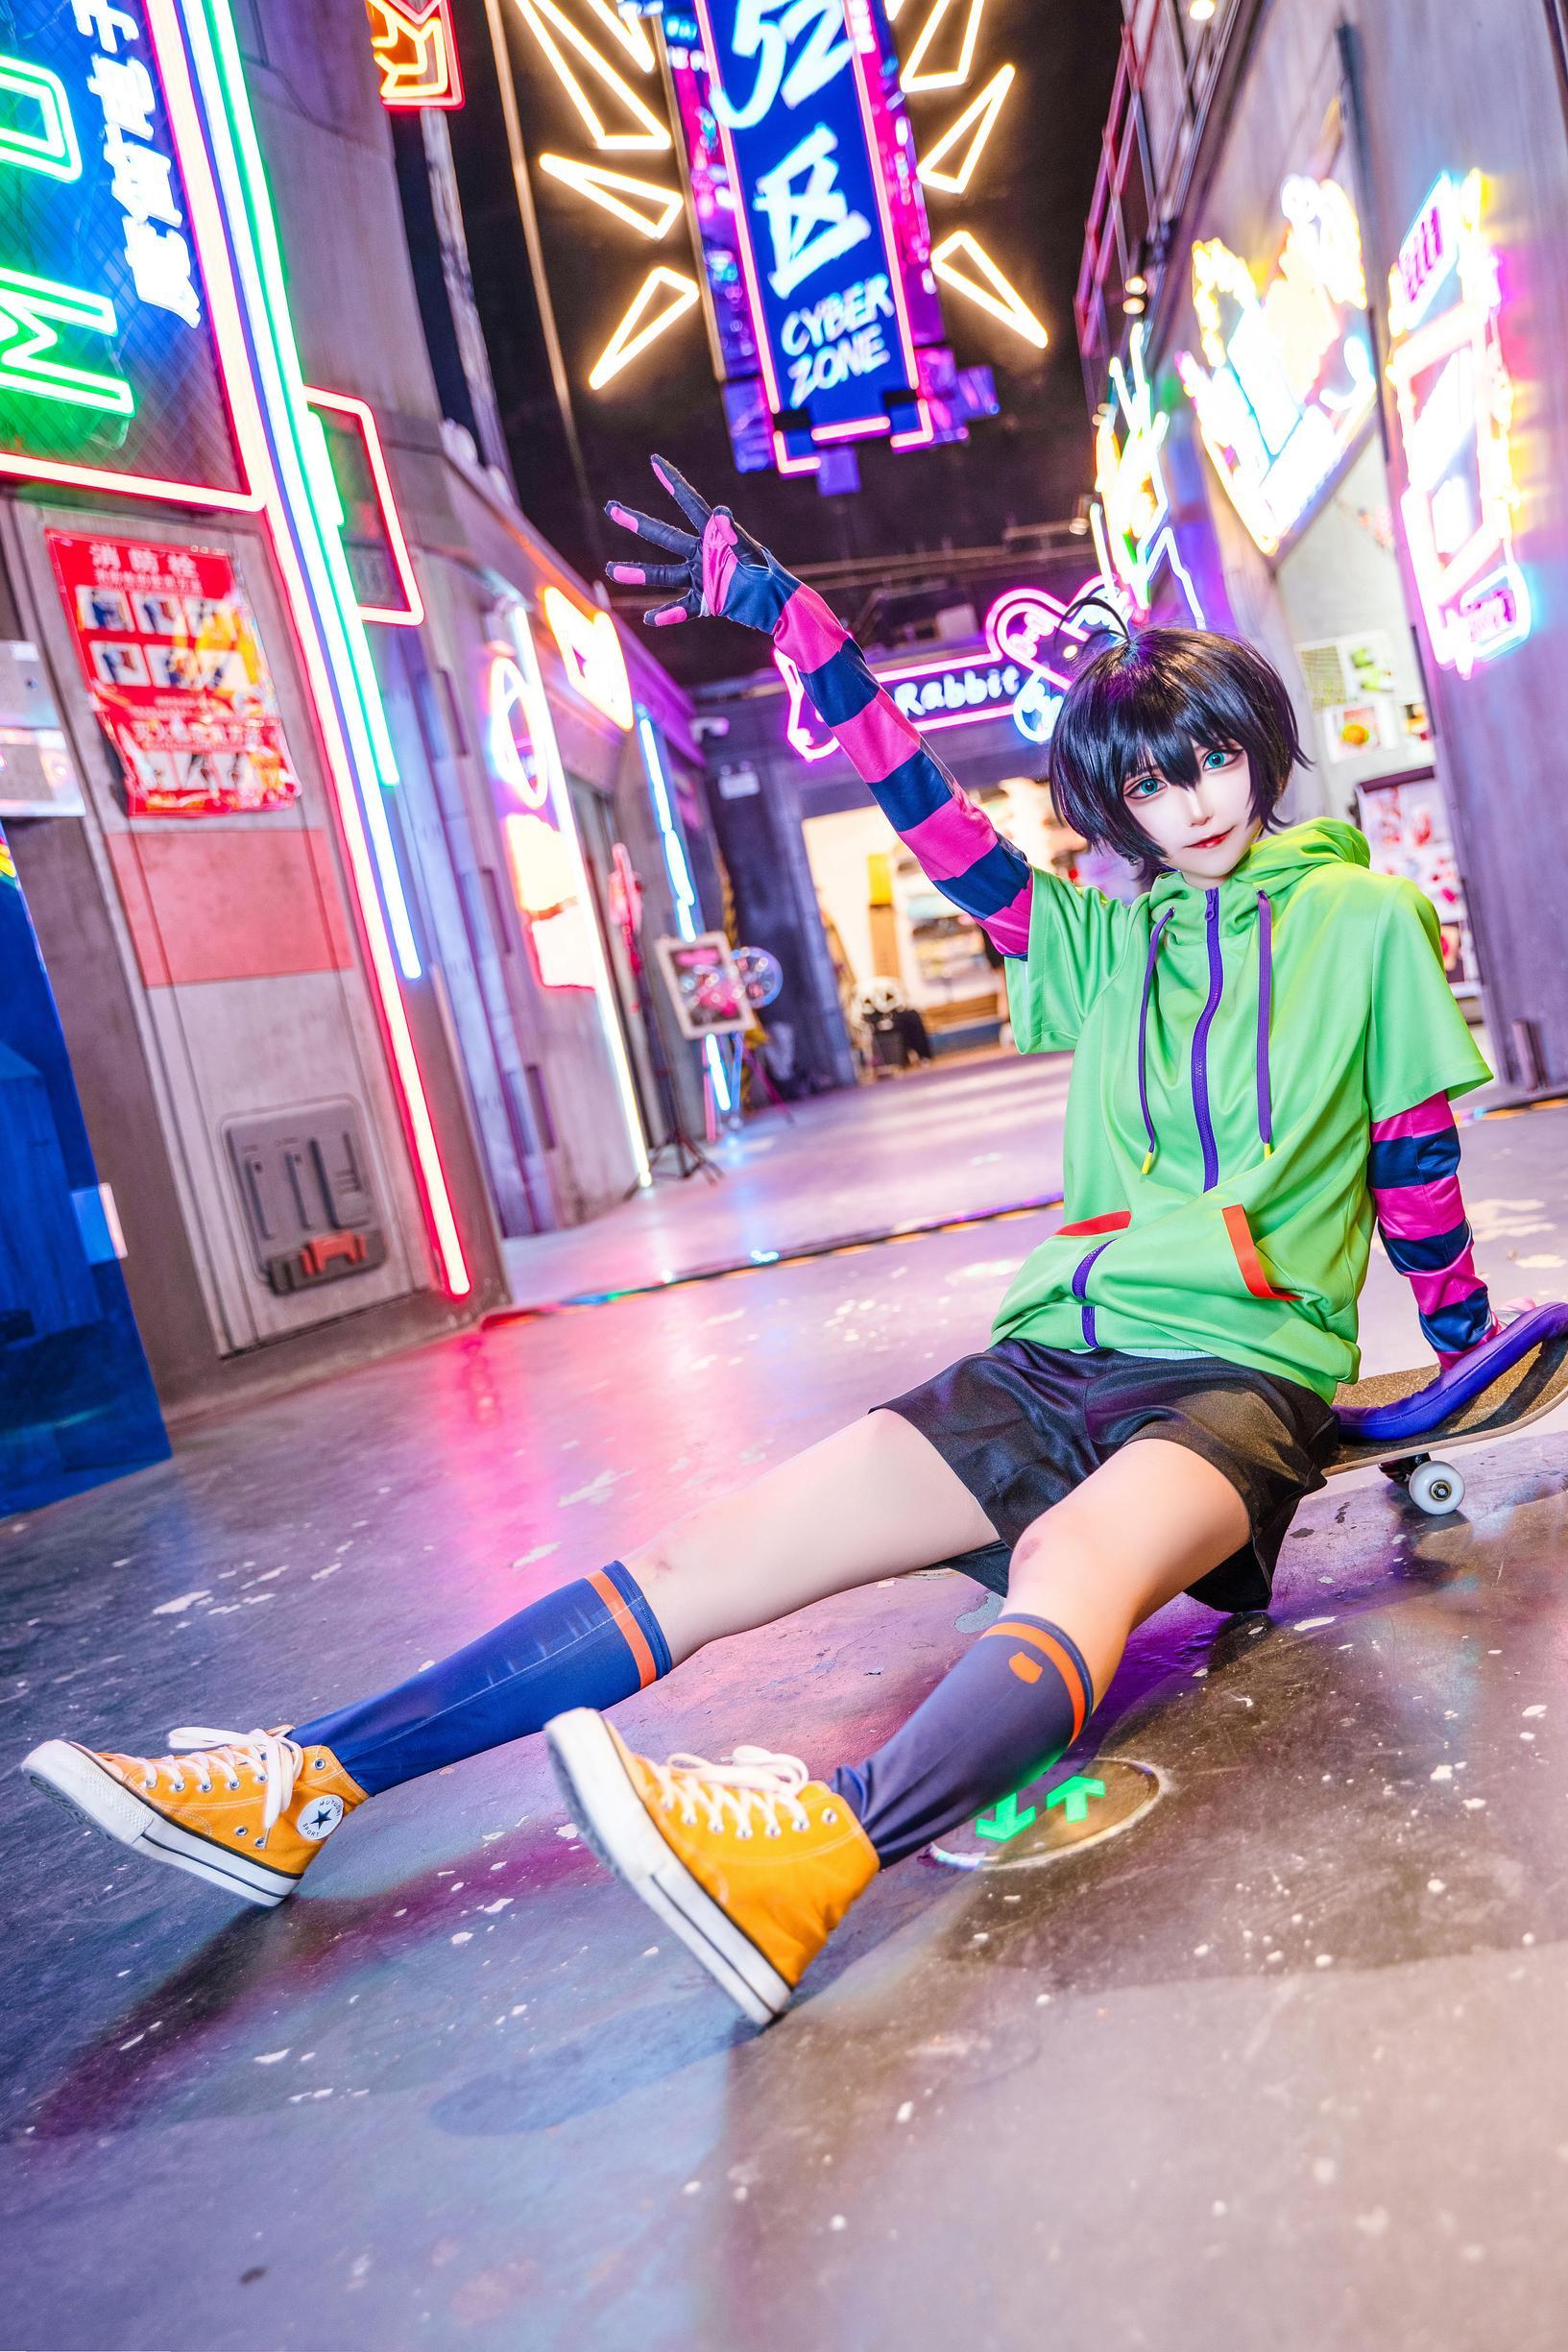 《无限滑板》少年cosplay【CN:南千鲤Akirui】-第3张